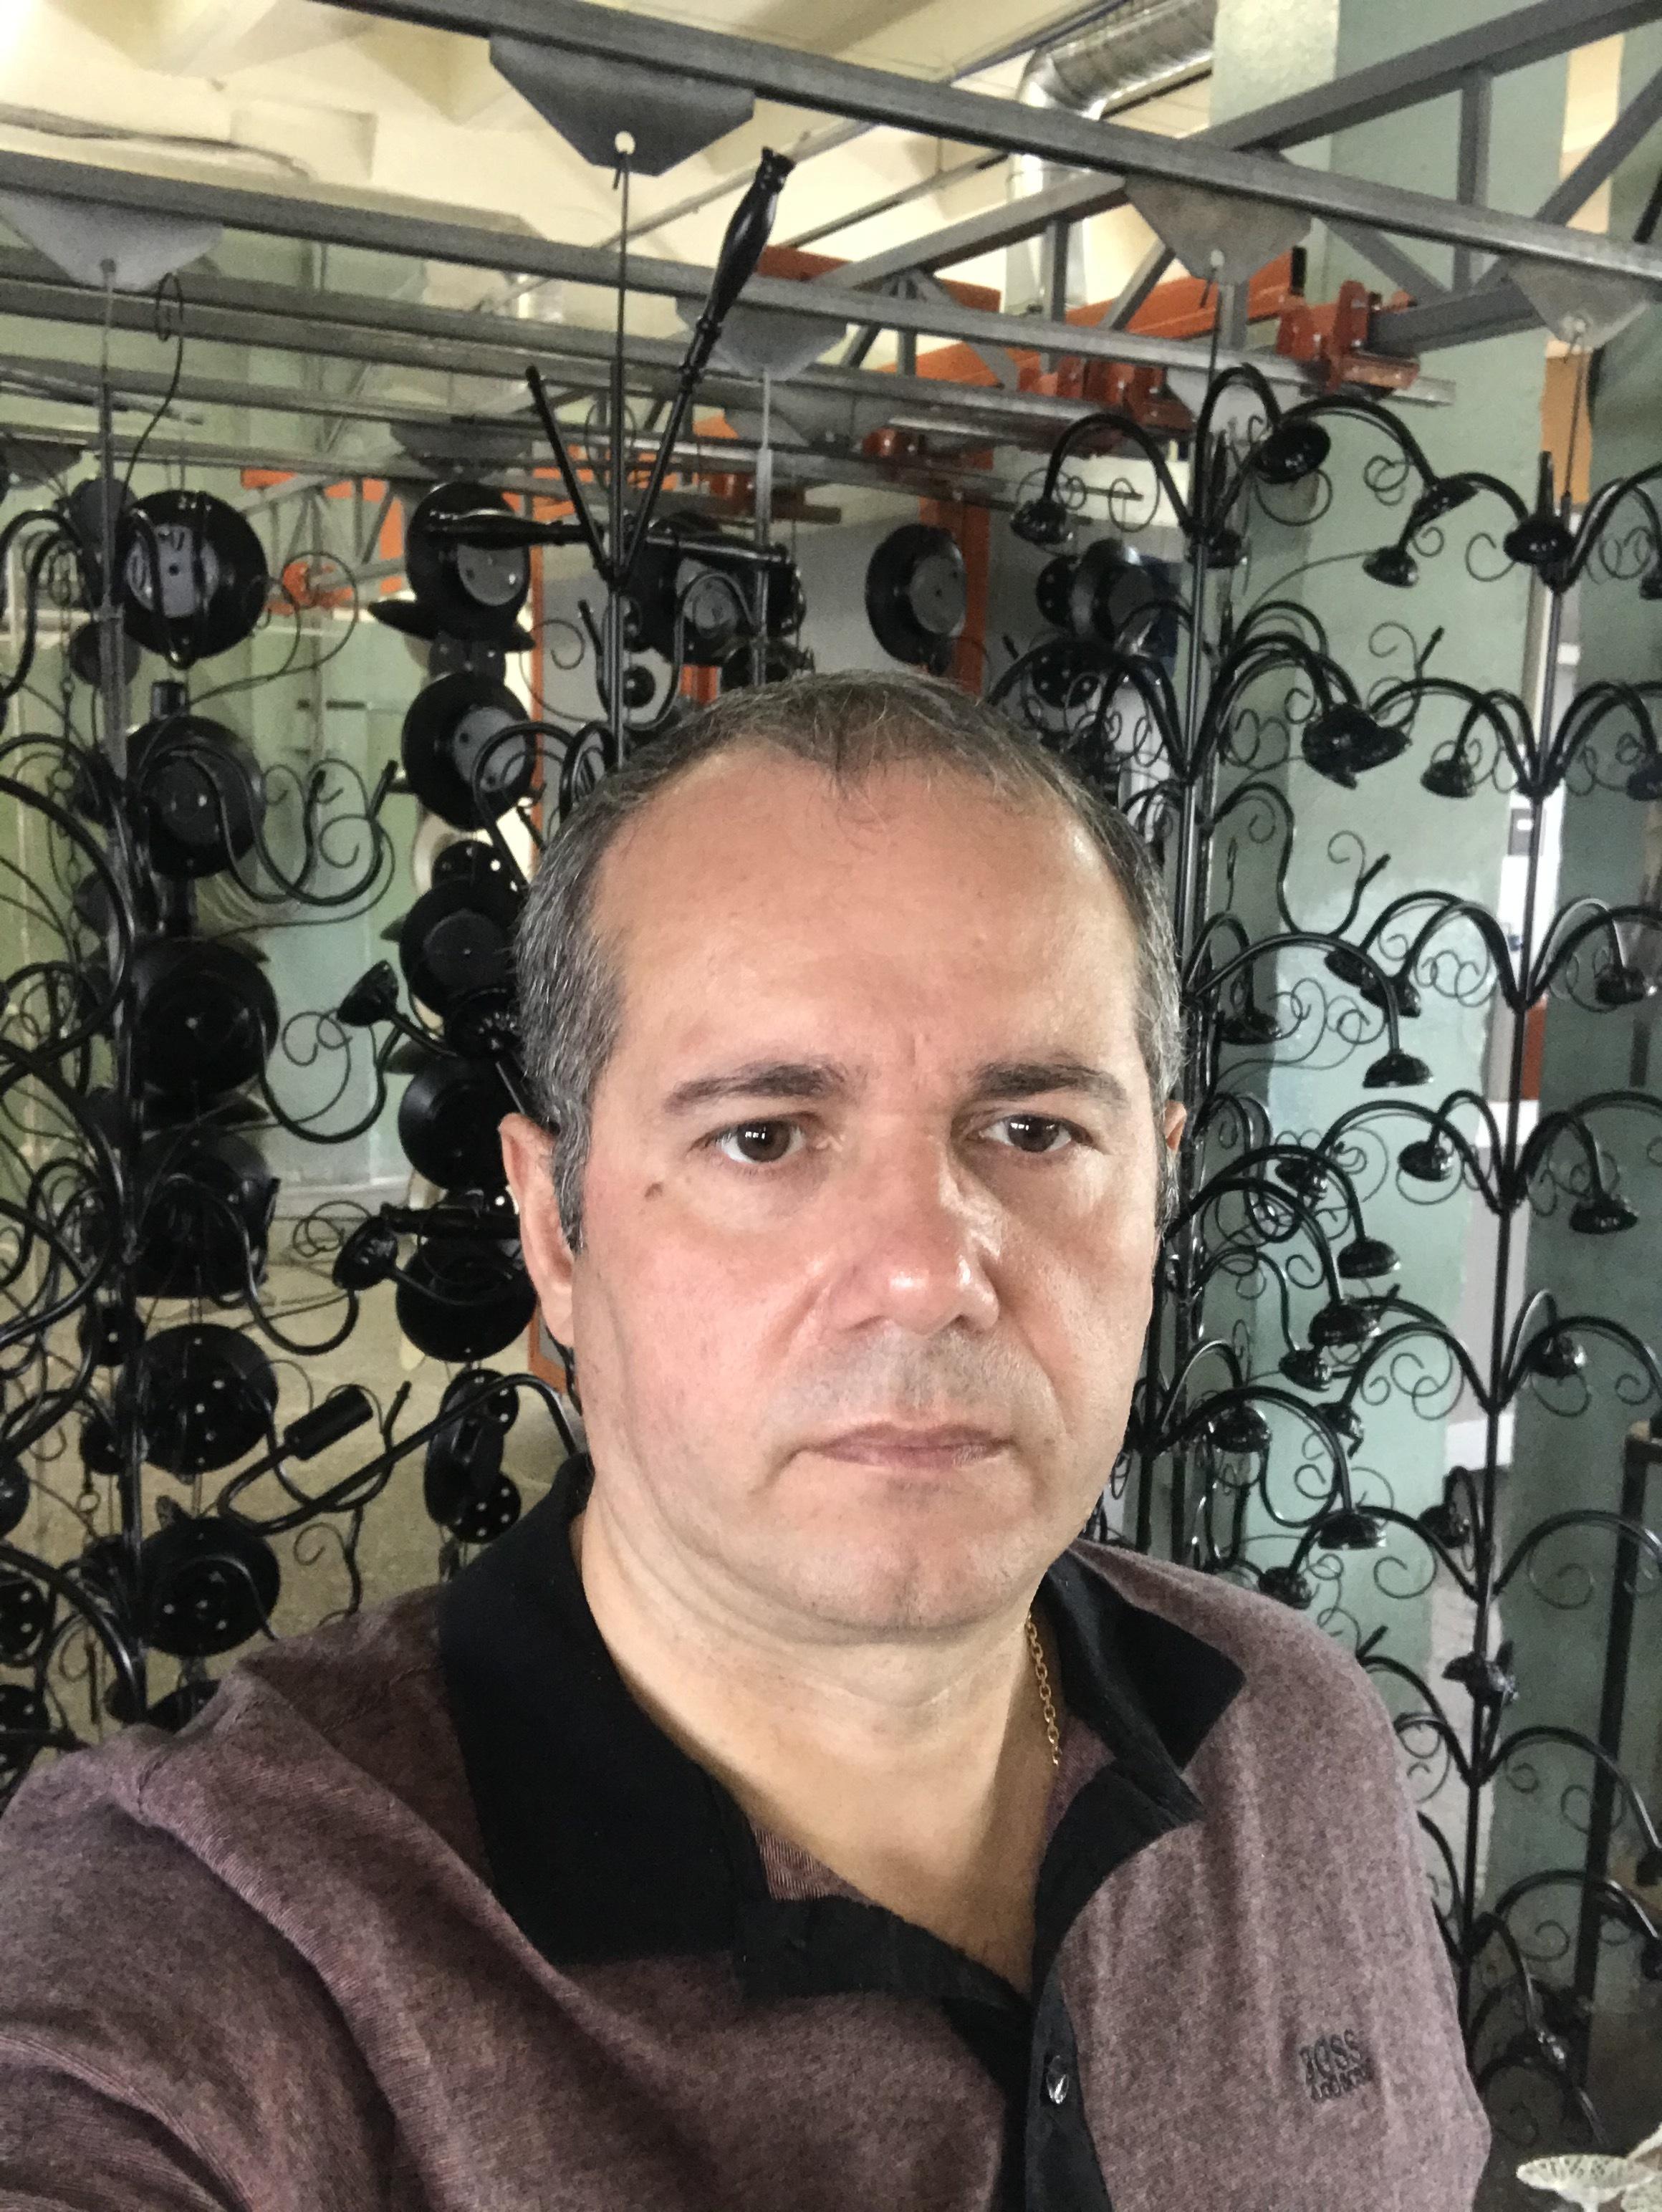 ООО «ПЕТРАСВЕТ» — молодая, успешная и быстро прогрессирующая компания по производству и реализации современных бытовых приборов освещения